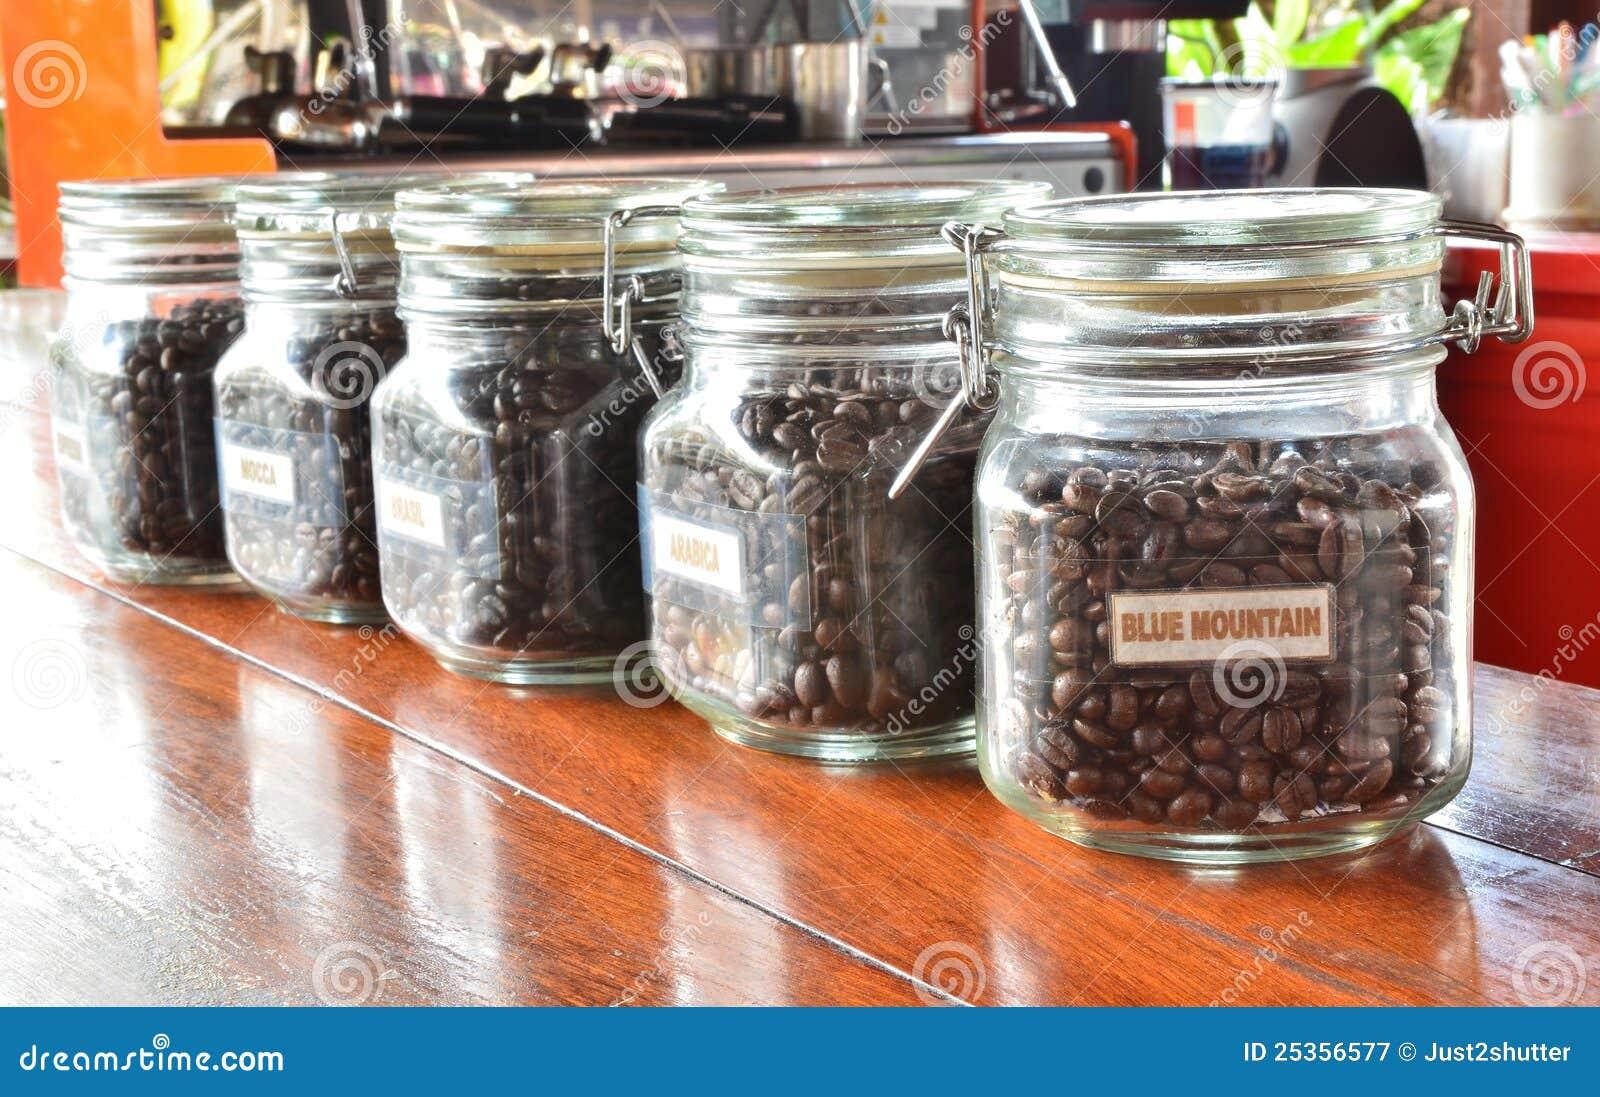 σιτάρι καφέ μπουκαλιών